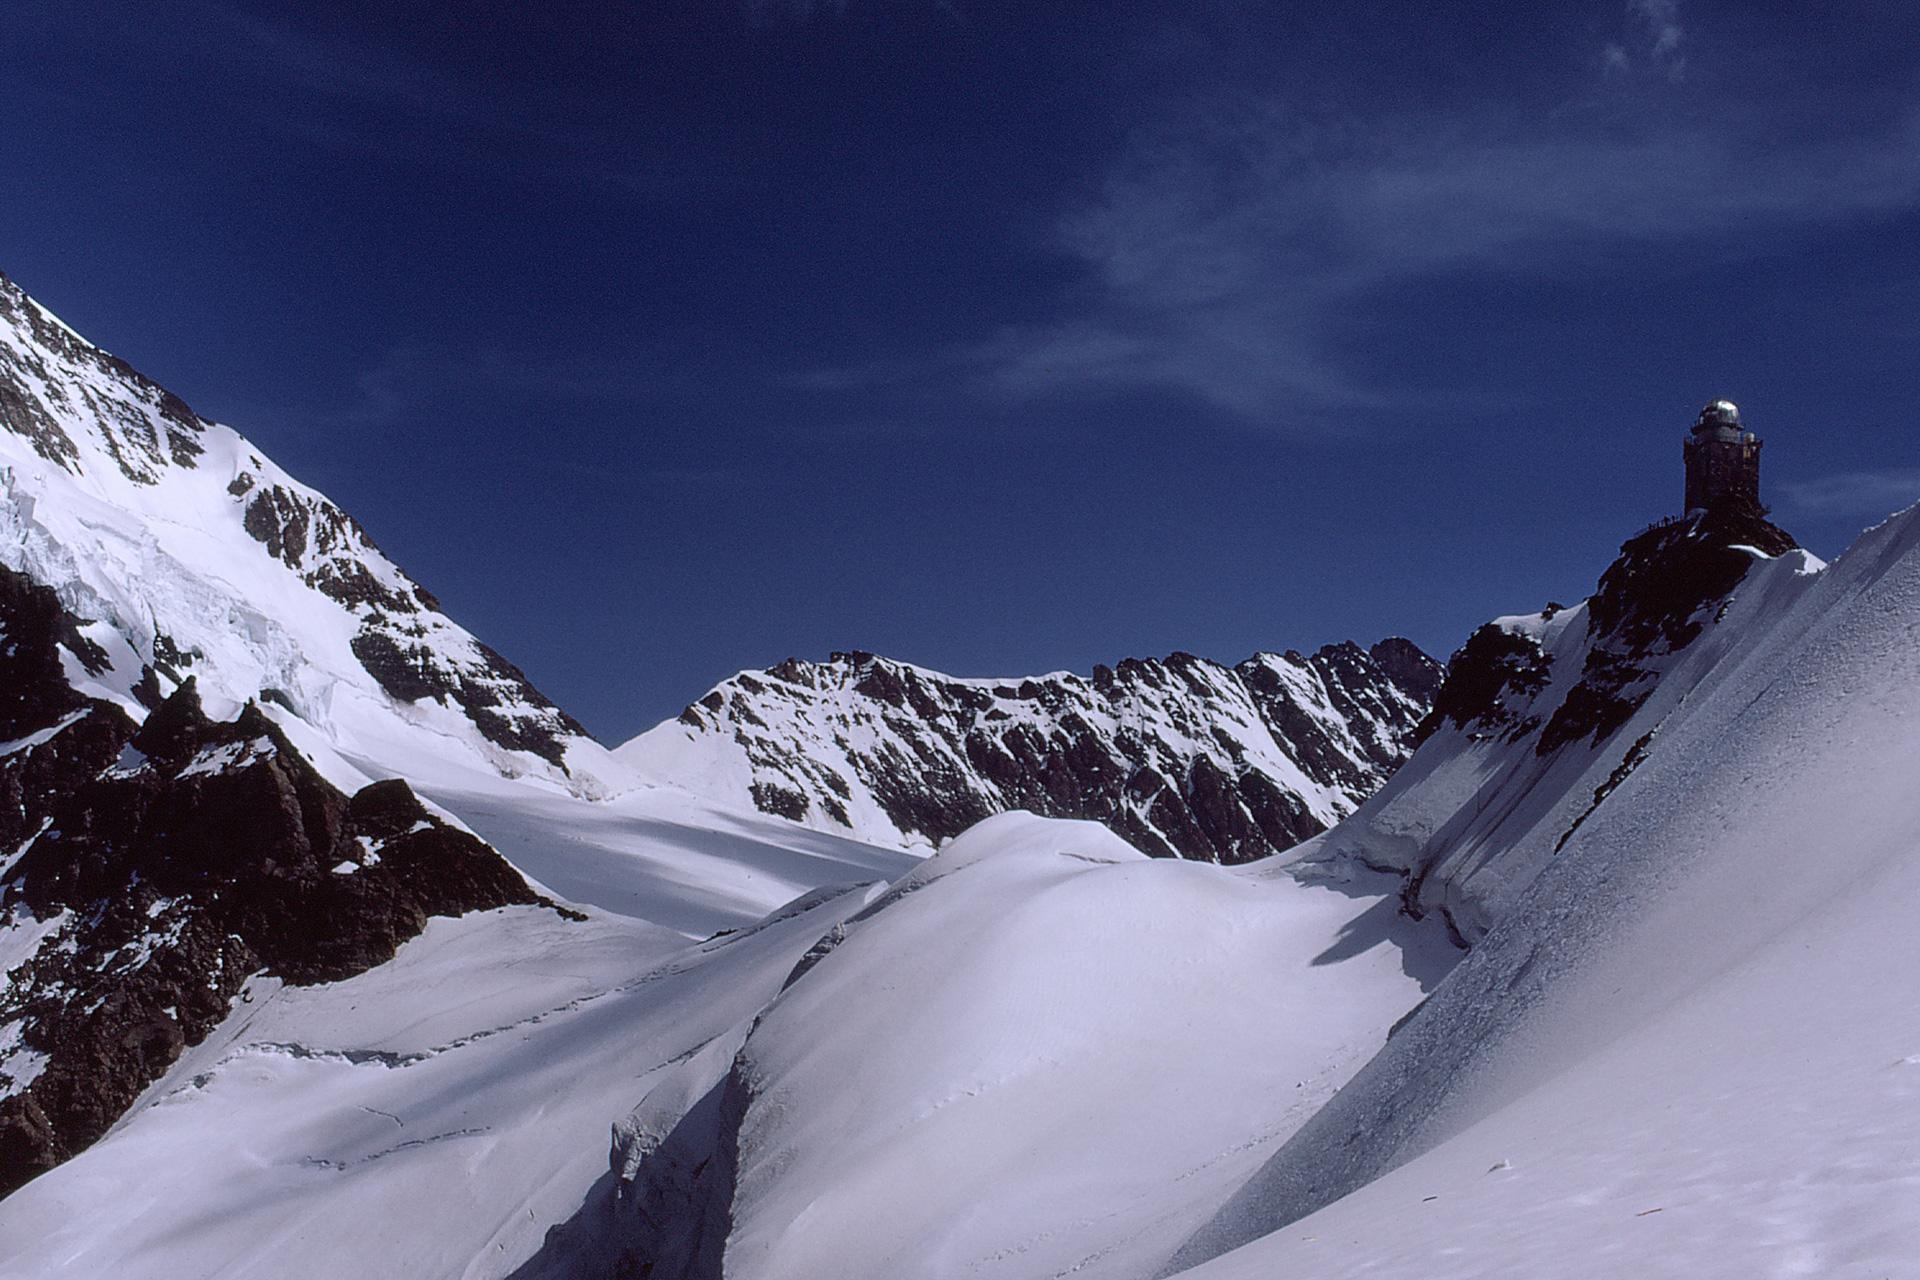 1972 Jungfraujoch, Sphinx (Diapositiv)